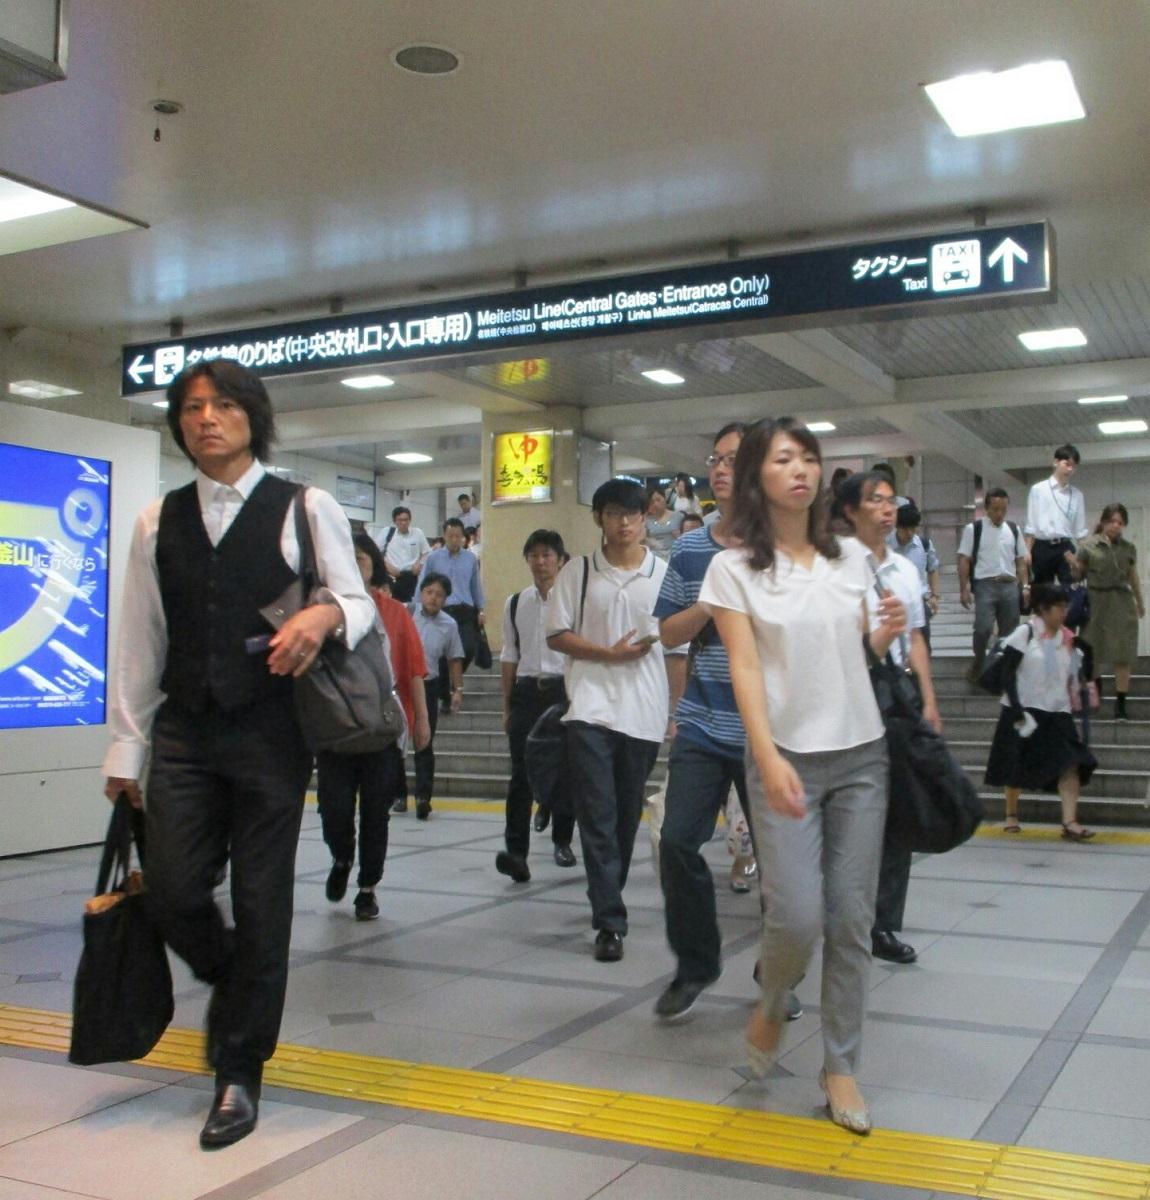 2018.9.5 (7) 名鉄名古屋 - 中央でぐちした階段 1150-1200